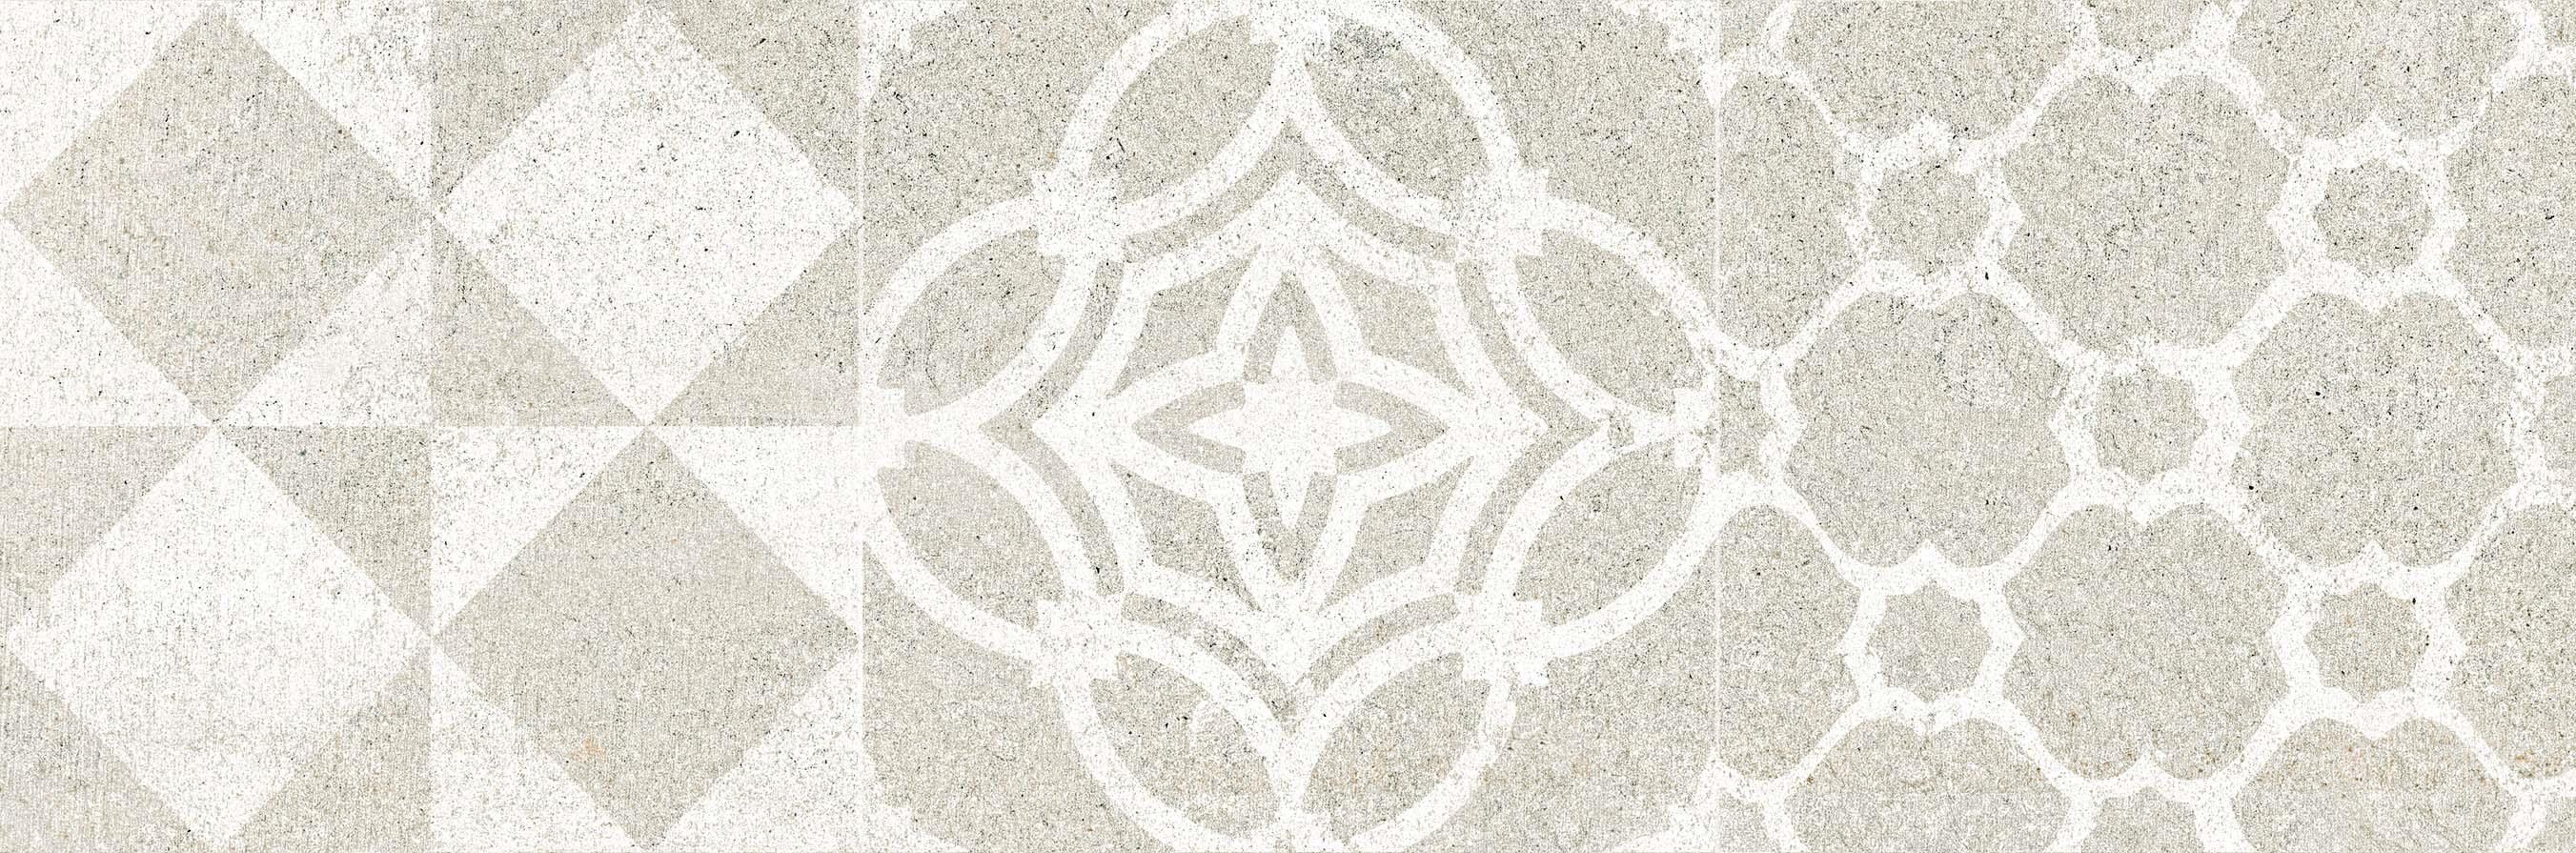 118 Marshall Decor crema 20x60 - Hansas Plaadimaailm